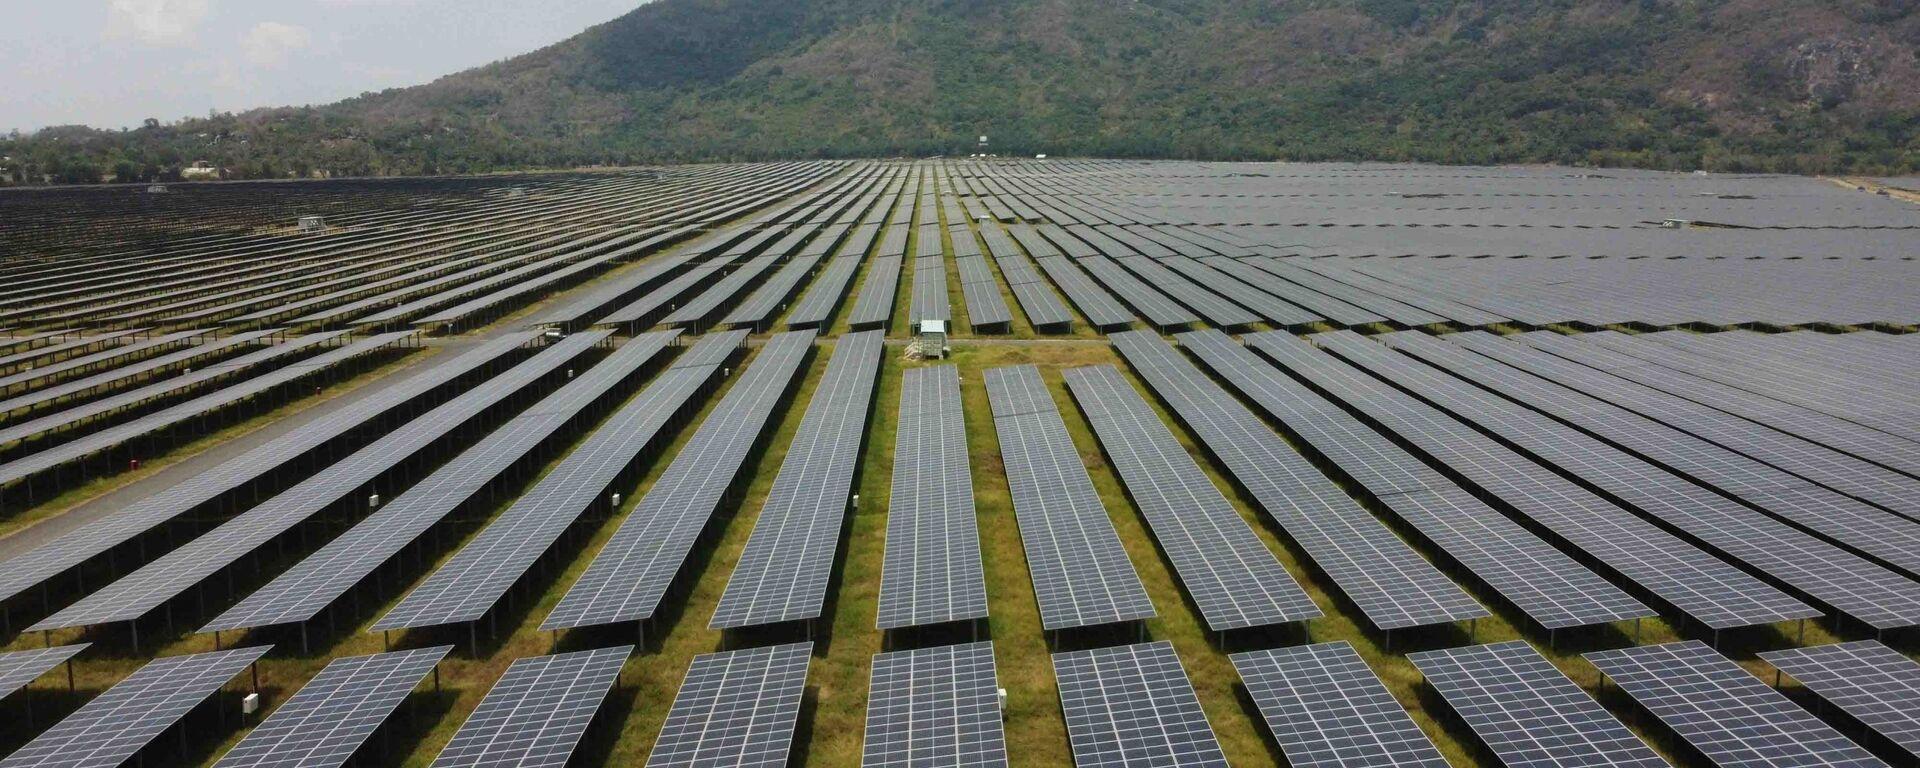 """Cánh đồng pin"""" năng lượng mặt trời dưới chân Núi Cấm của Nhà máy điện mặt trời Sao Mai-An Giang. - Sputnik Việt Nam, 1920, 12.04.2021"""